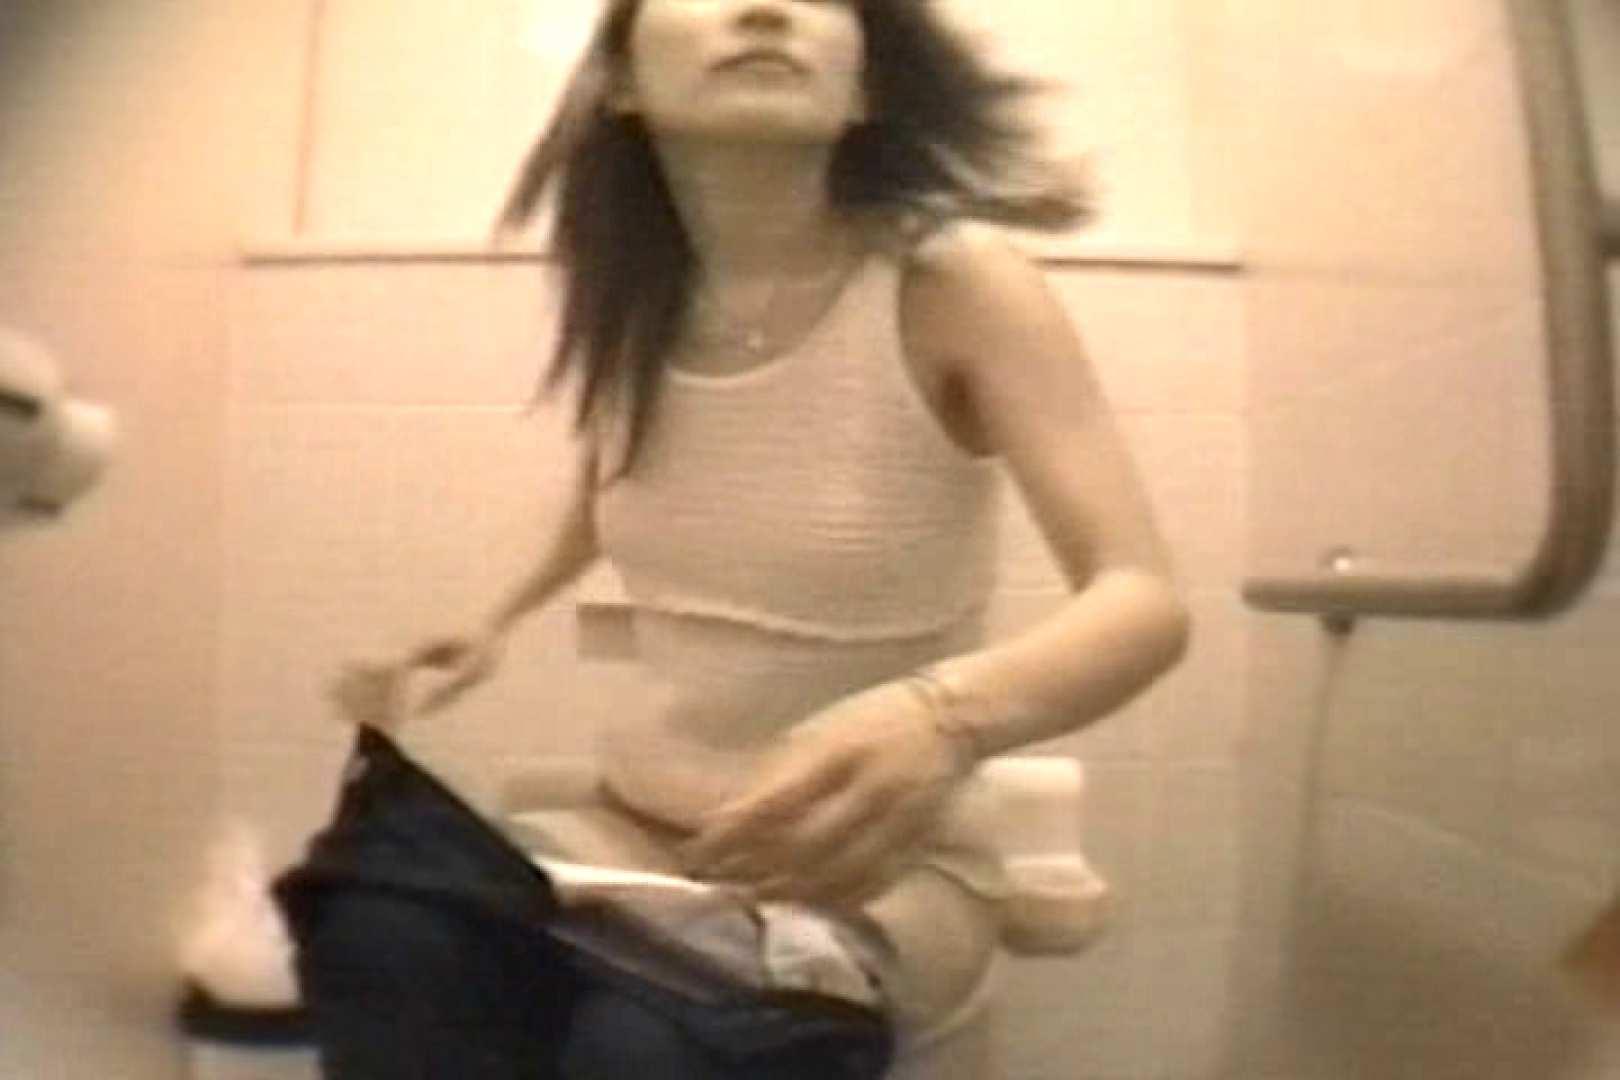 個室狂いのマニア映像Vol.4 洗面所 | 和式  52連発 10